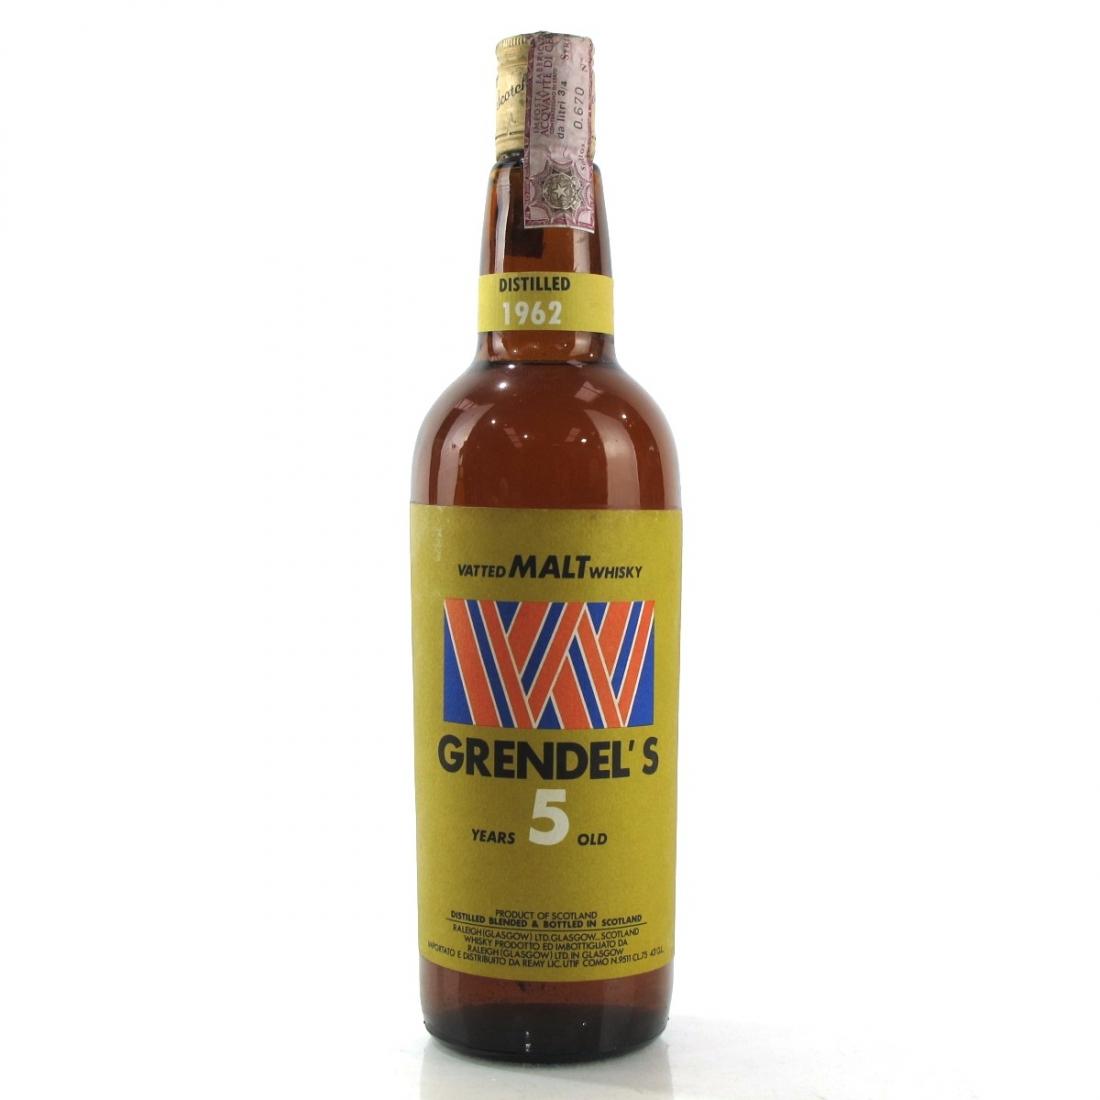 Grendel's 1962 Vatted Malt 5 Year Old